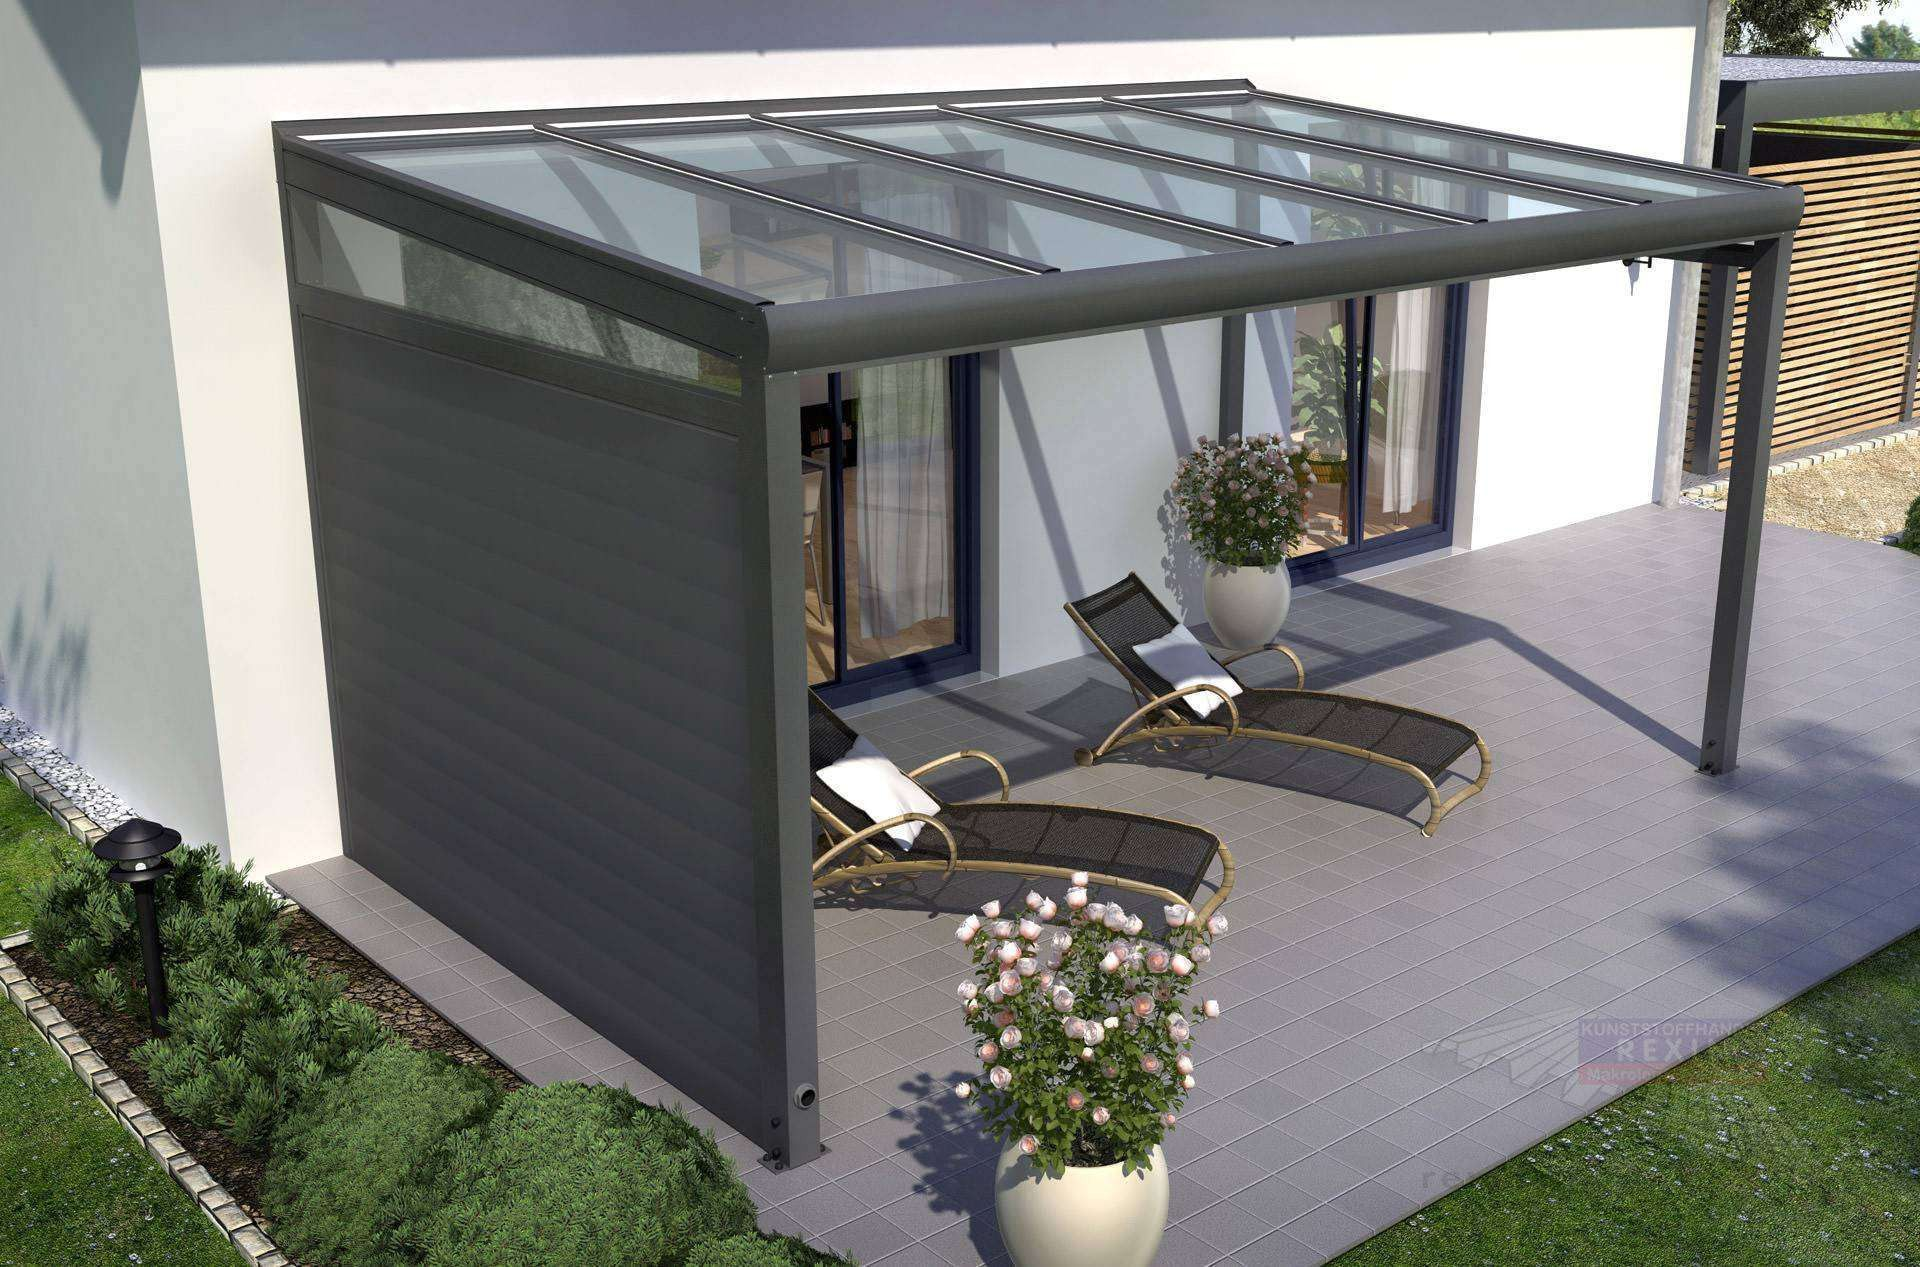 Einzigartig 43 Zum Möbel Für Balkon Terrassen dach